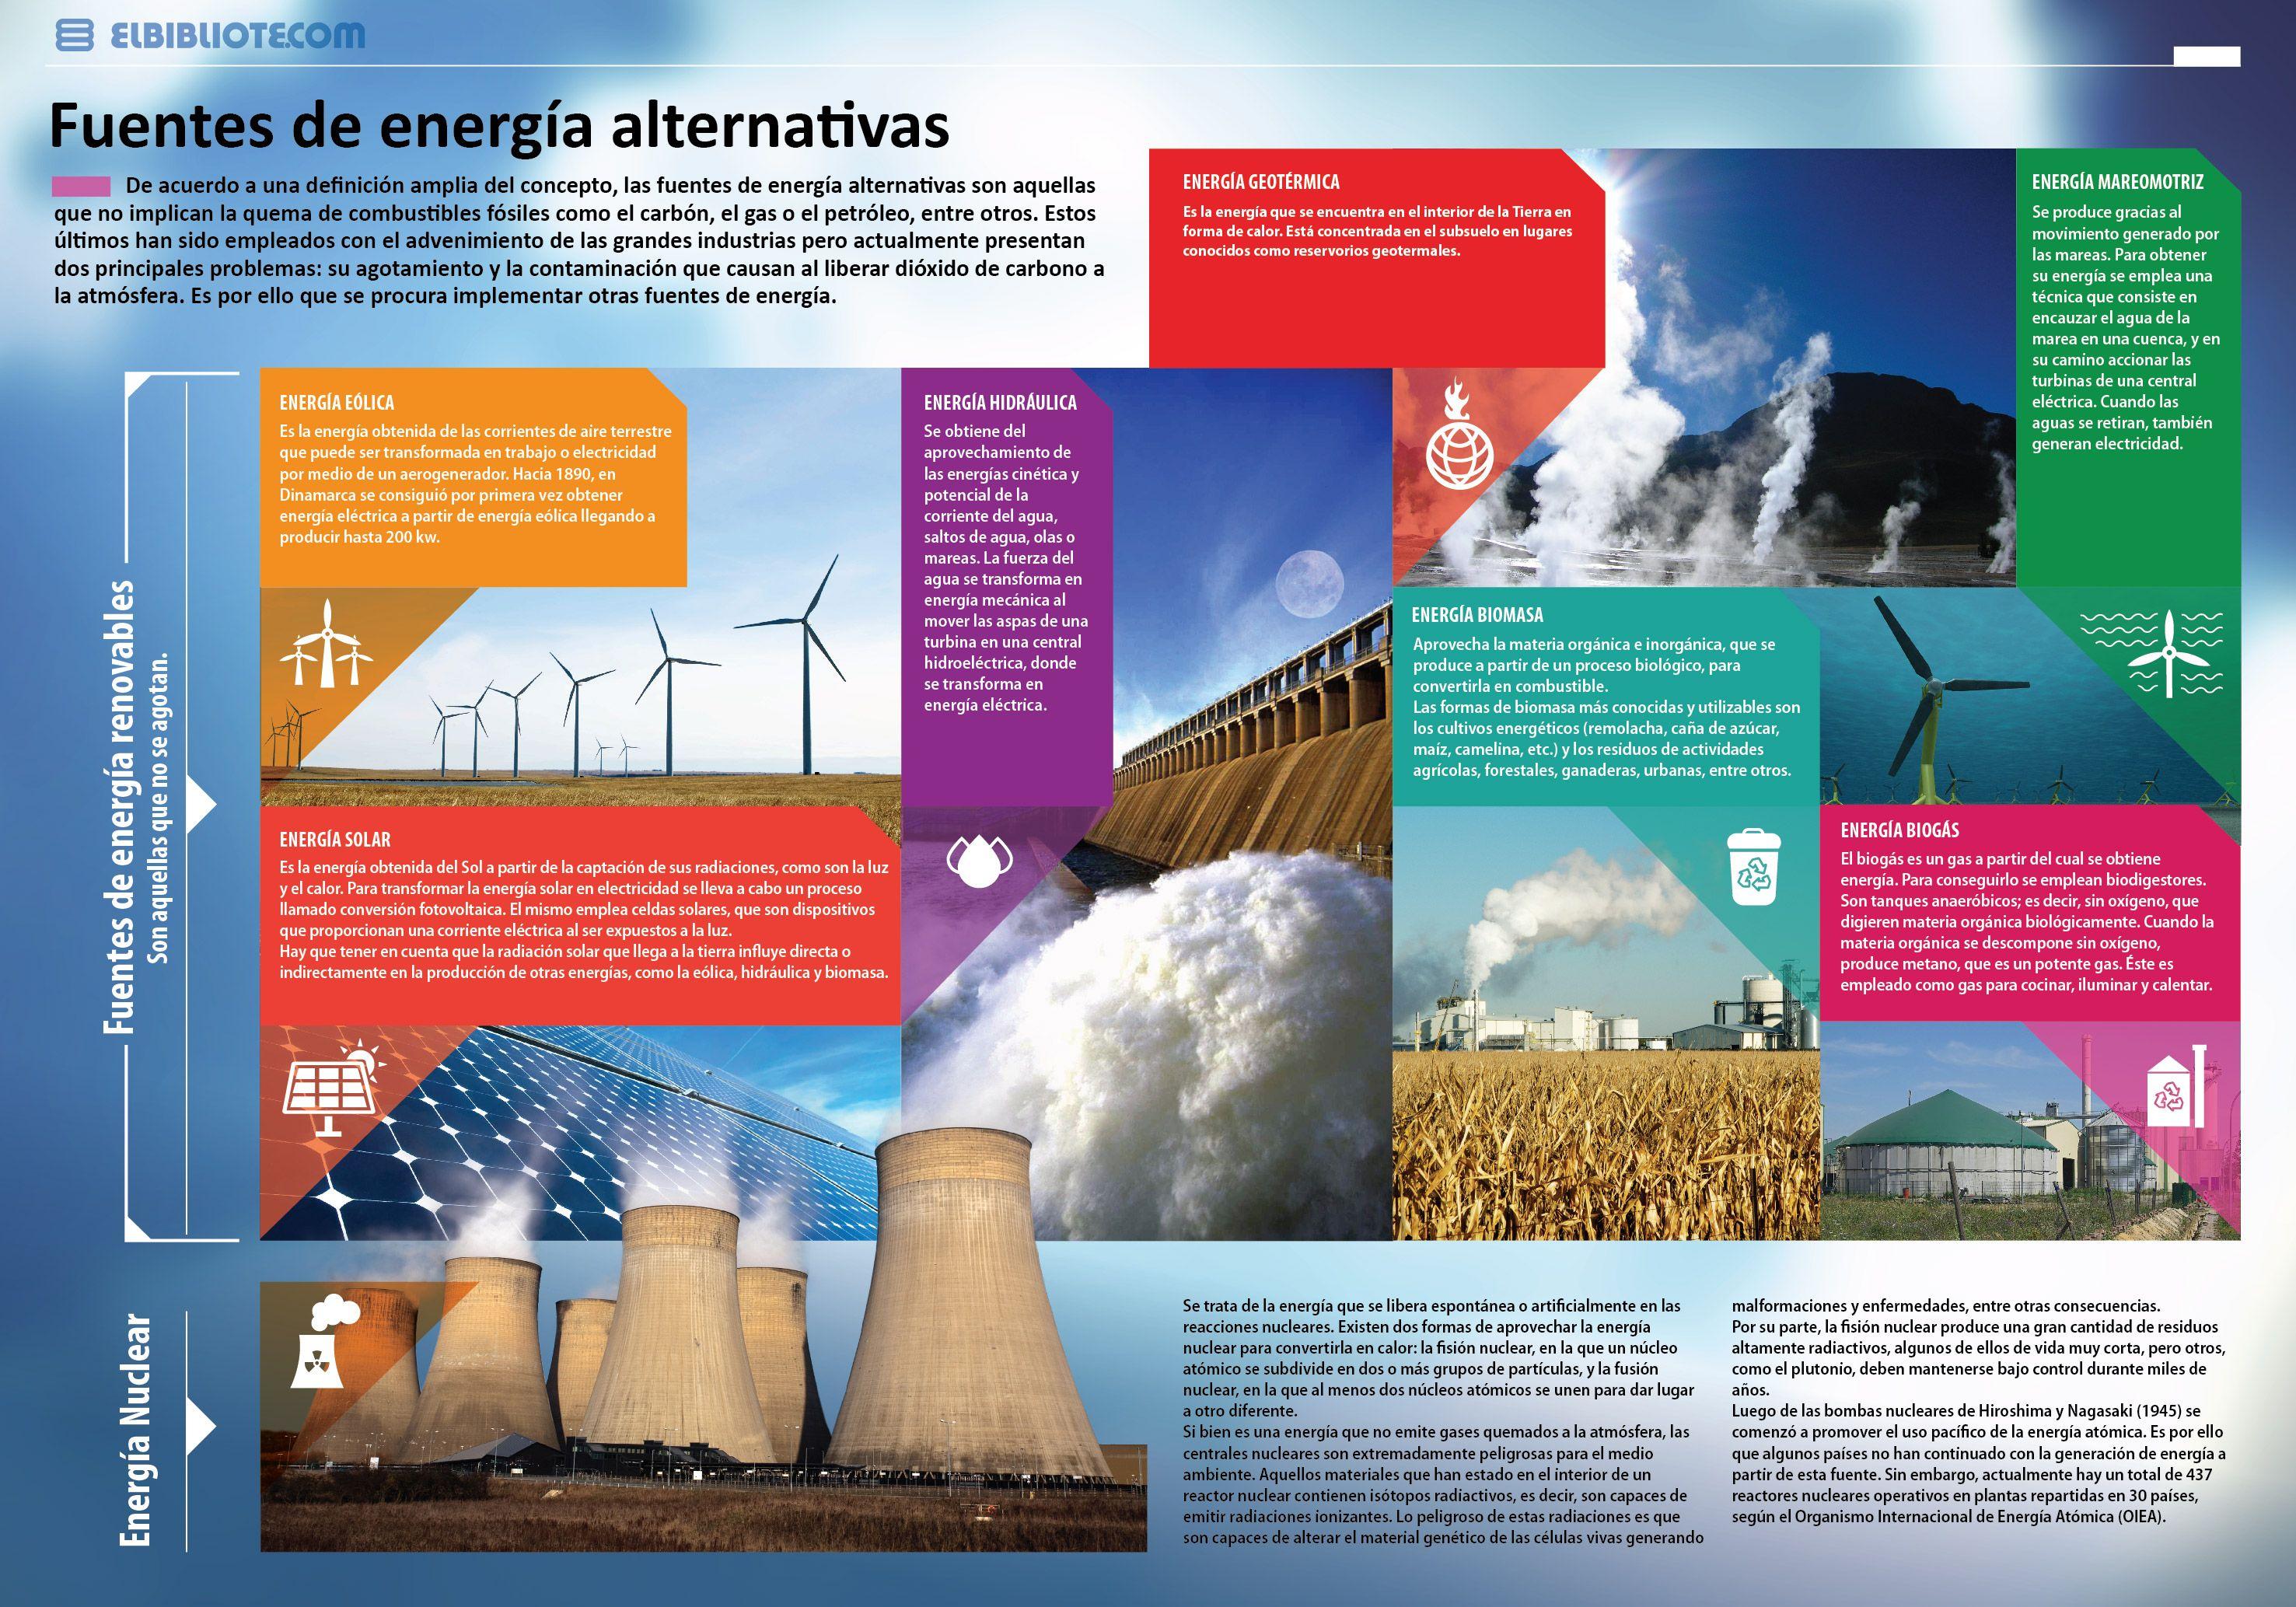 Fuente De Energia Alternativas En La Actualidad Fuentes De Energia Energia Alternativa Fuentes De Energia Renovable